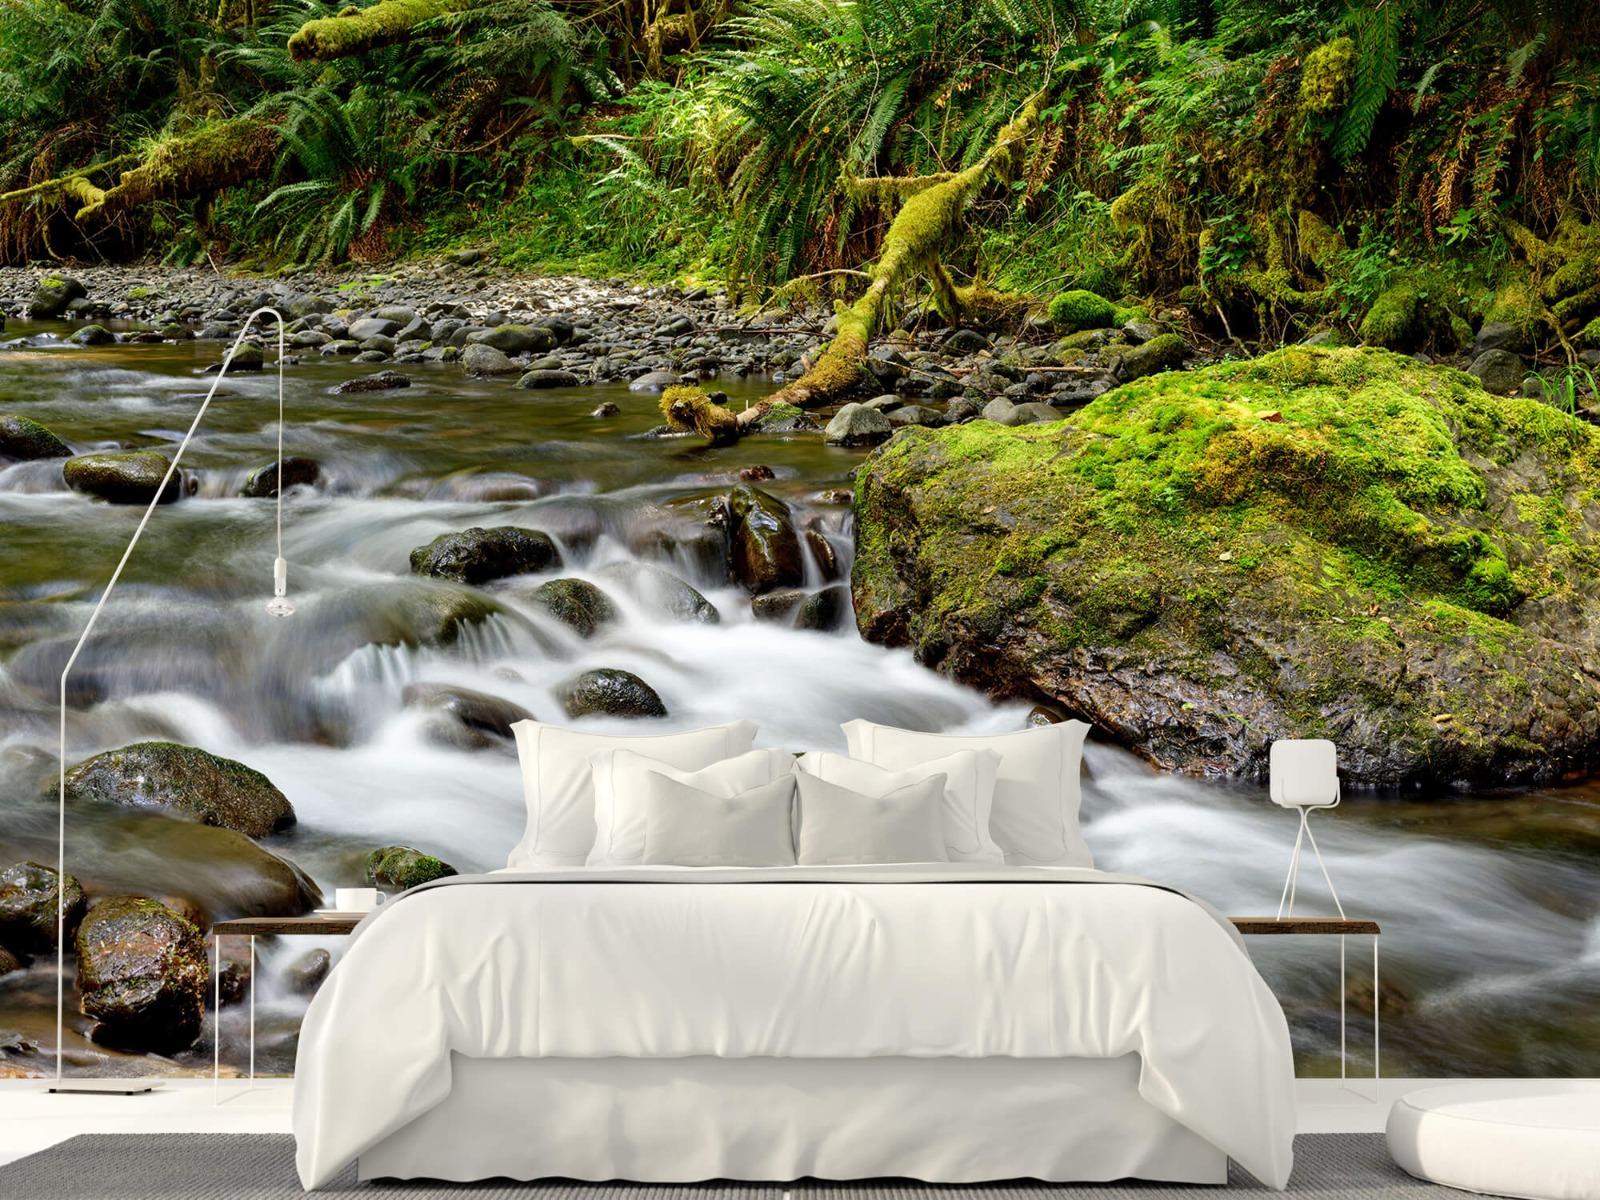 Meertjes en Wateren - Groen rotsblok met riviertje - Wallexclusive - Slaapkamer 17